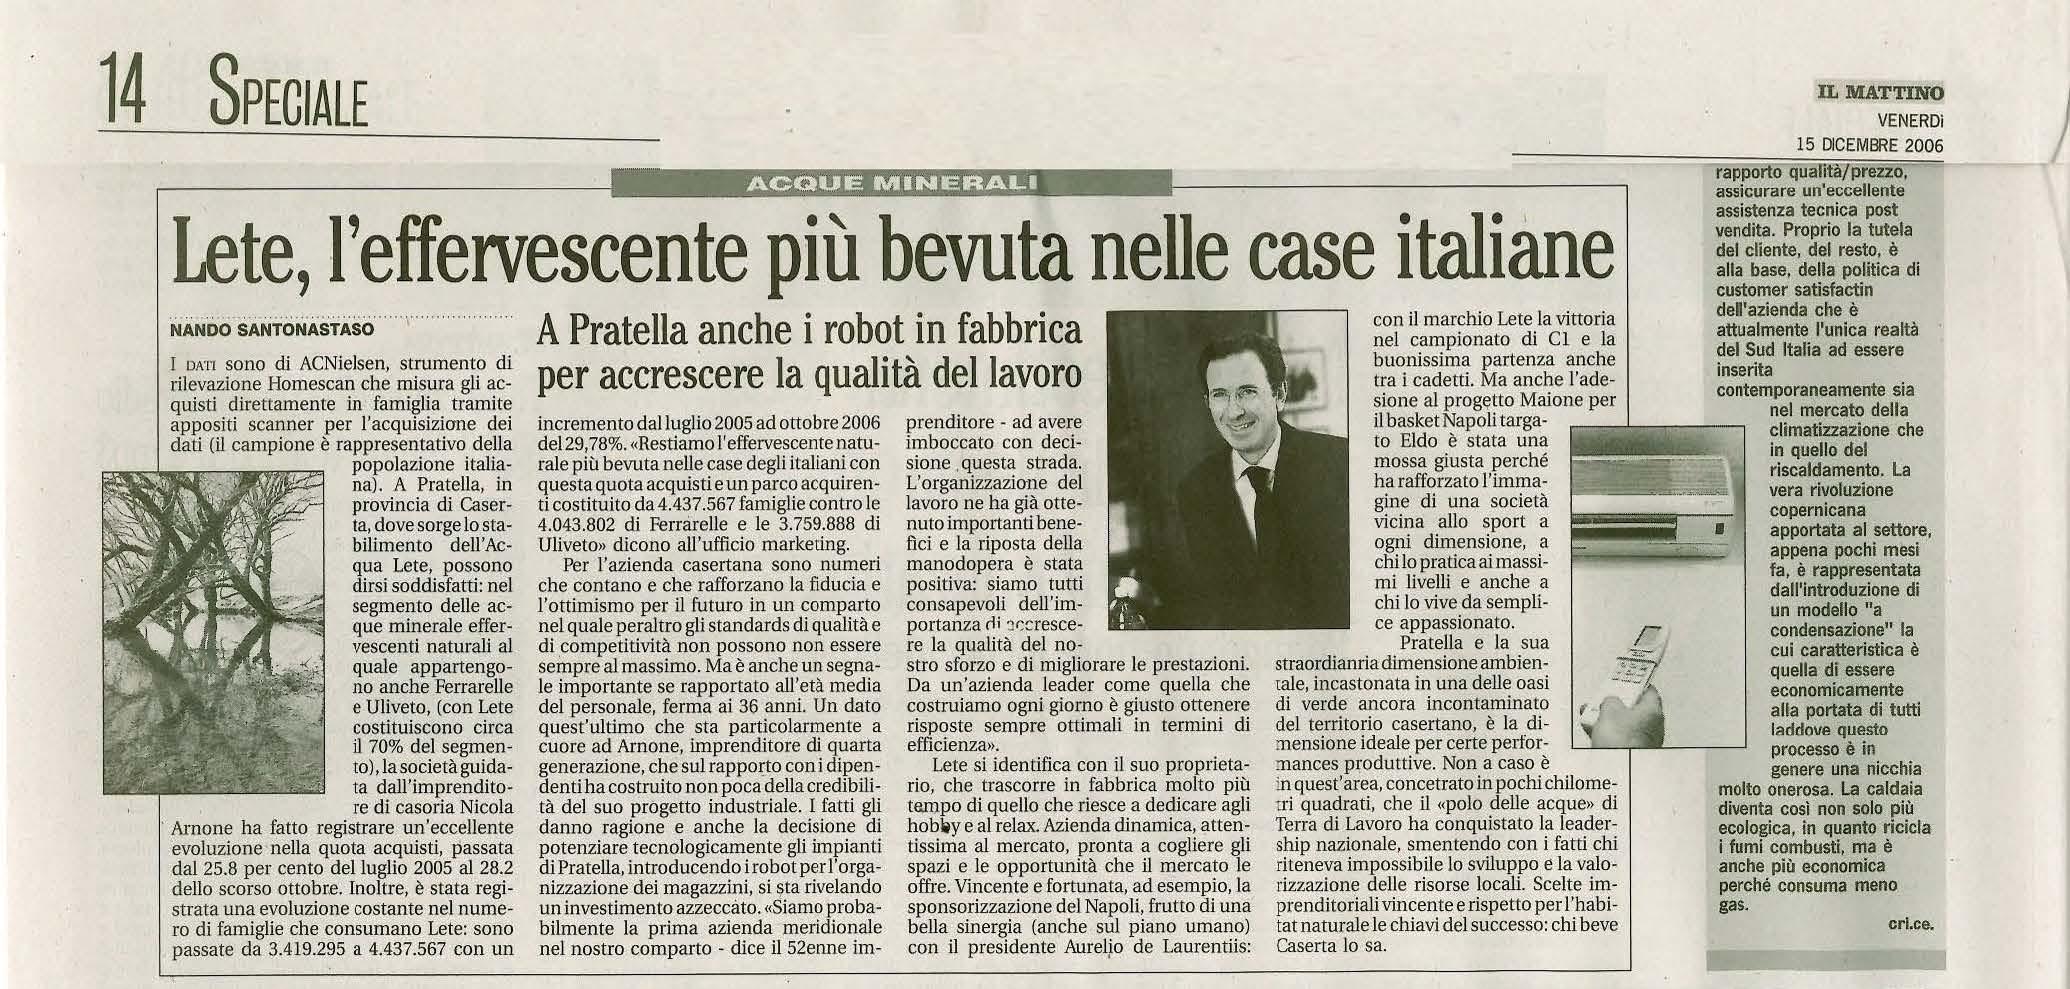 il_mattino_15.12.2006